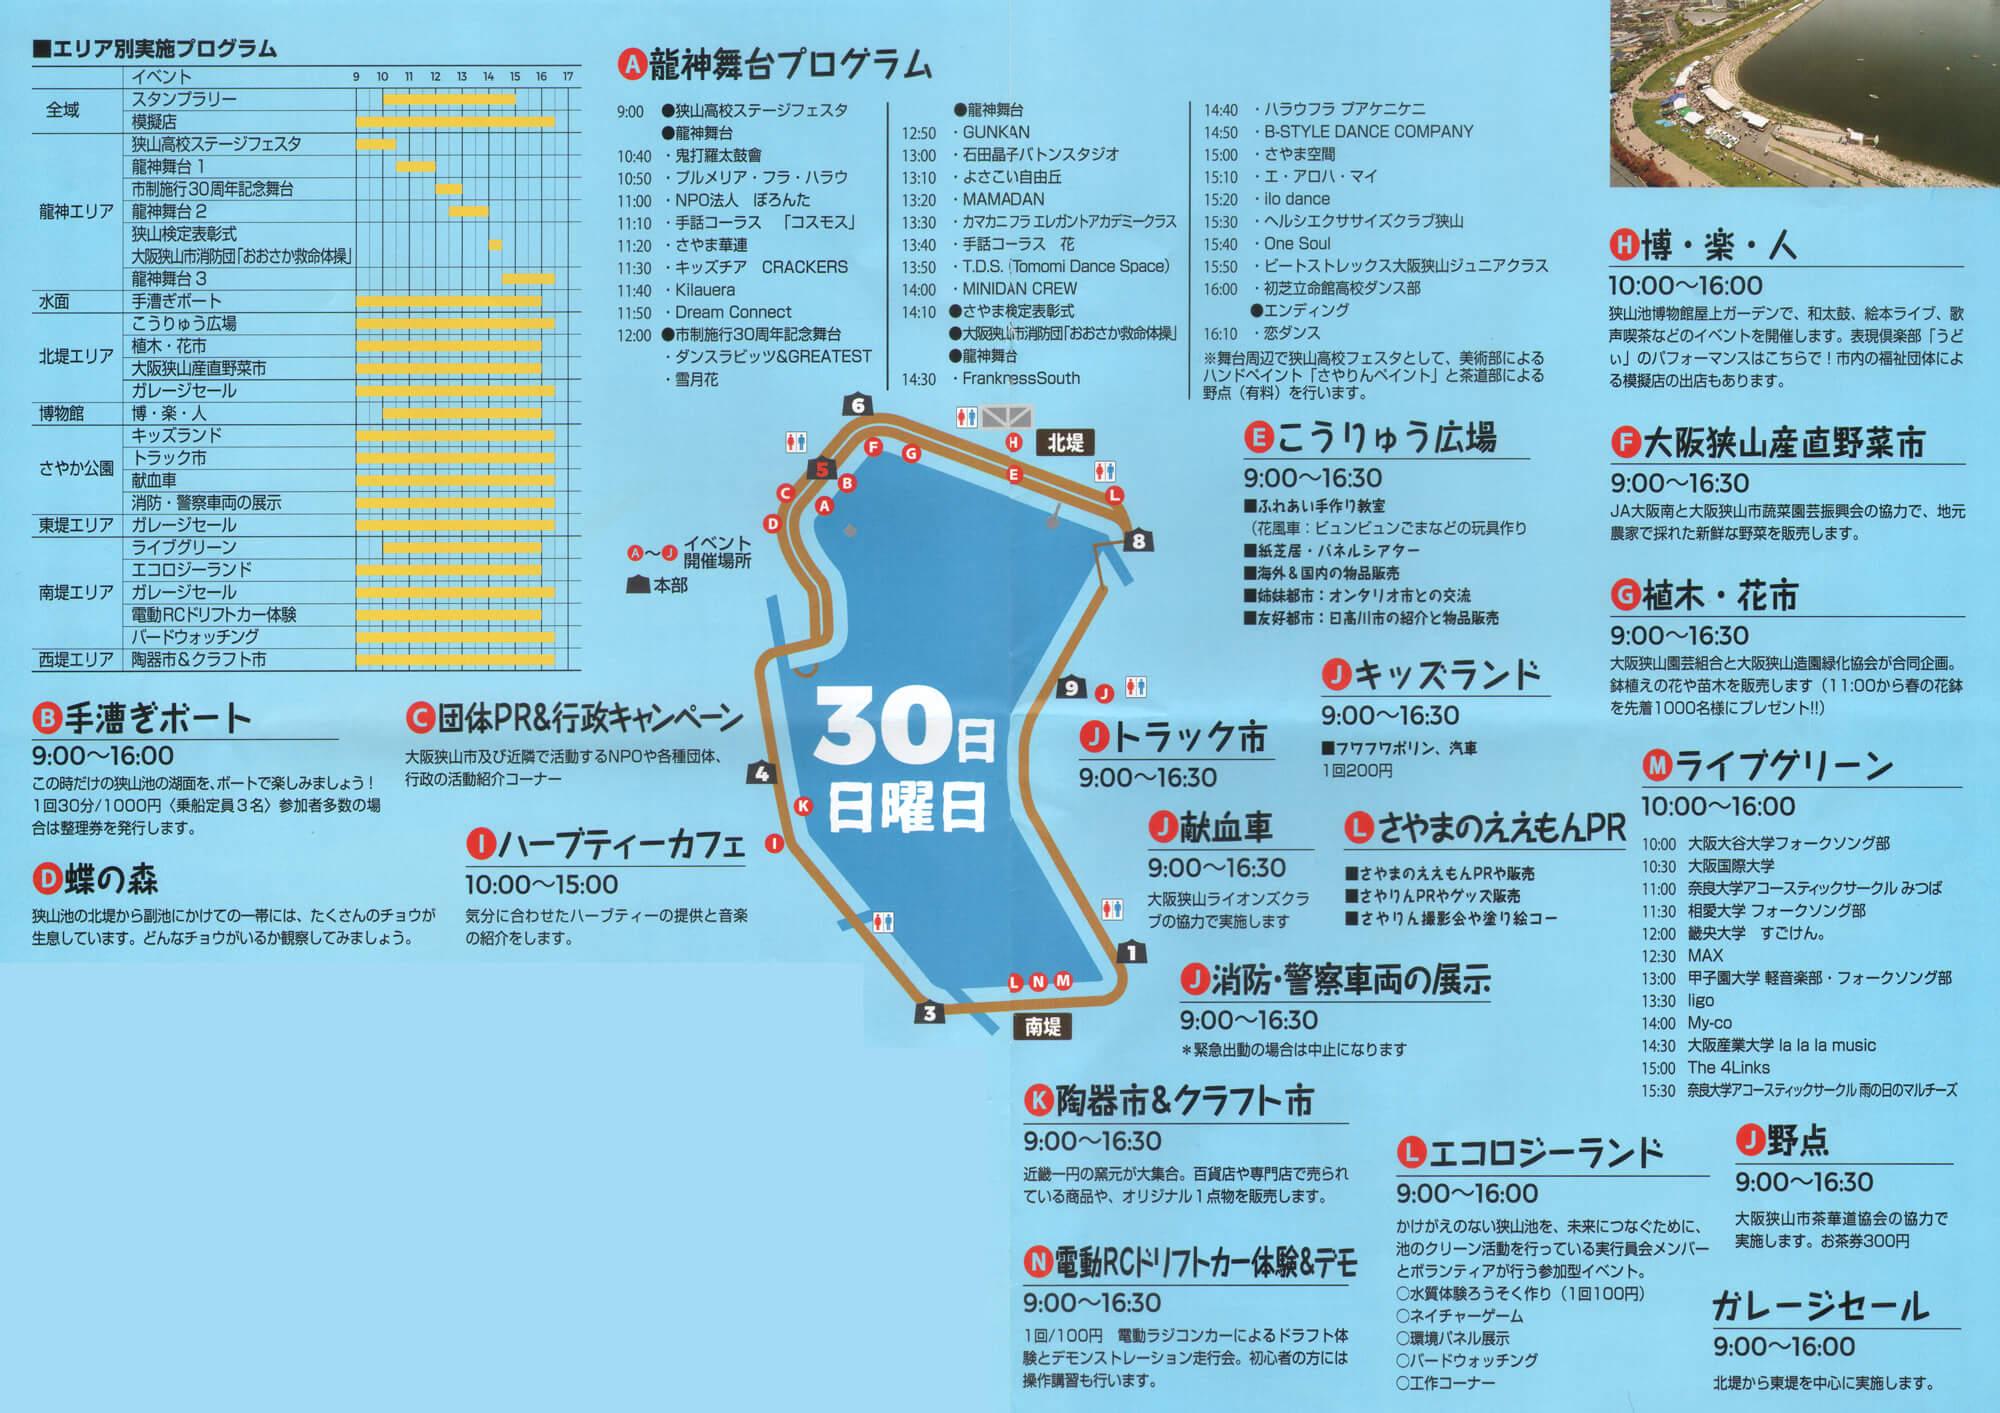 狭山池まつり2017 30日(日)